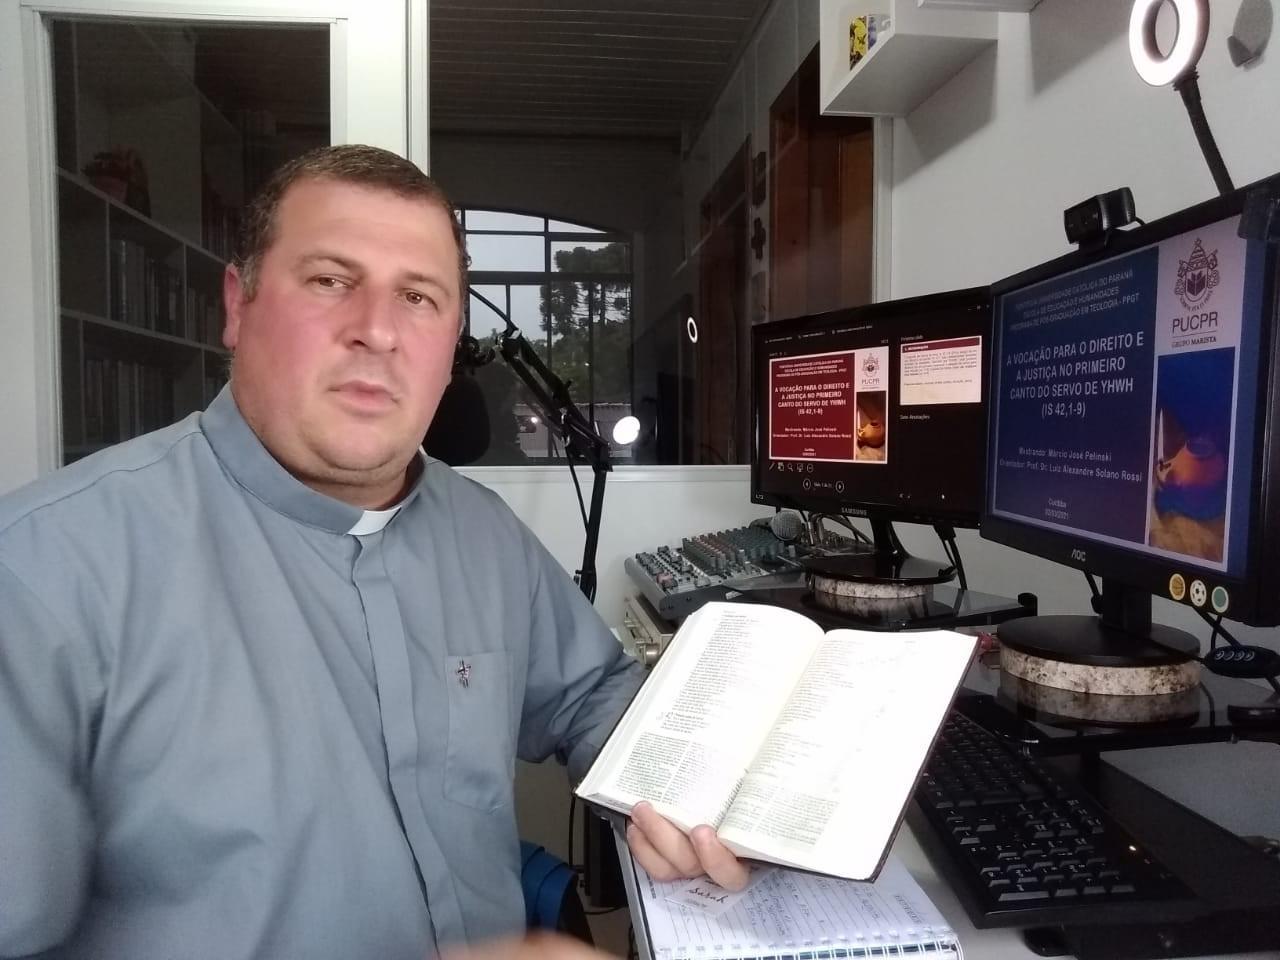 Diácono Márcio Pelinski defende dissertação de Mestrado em Teologia na PUC-PR